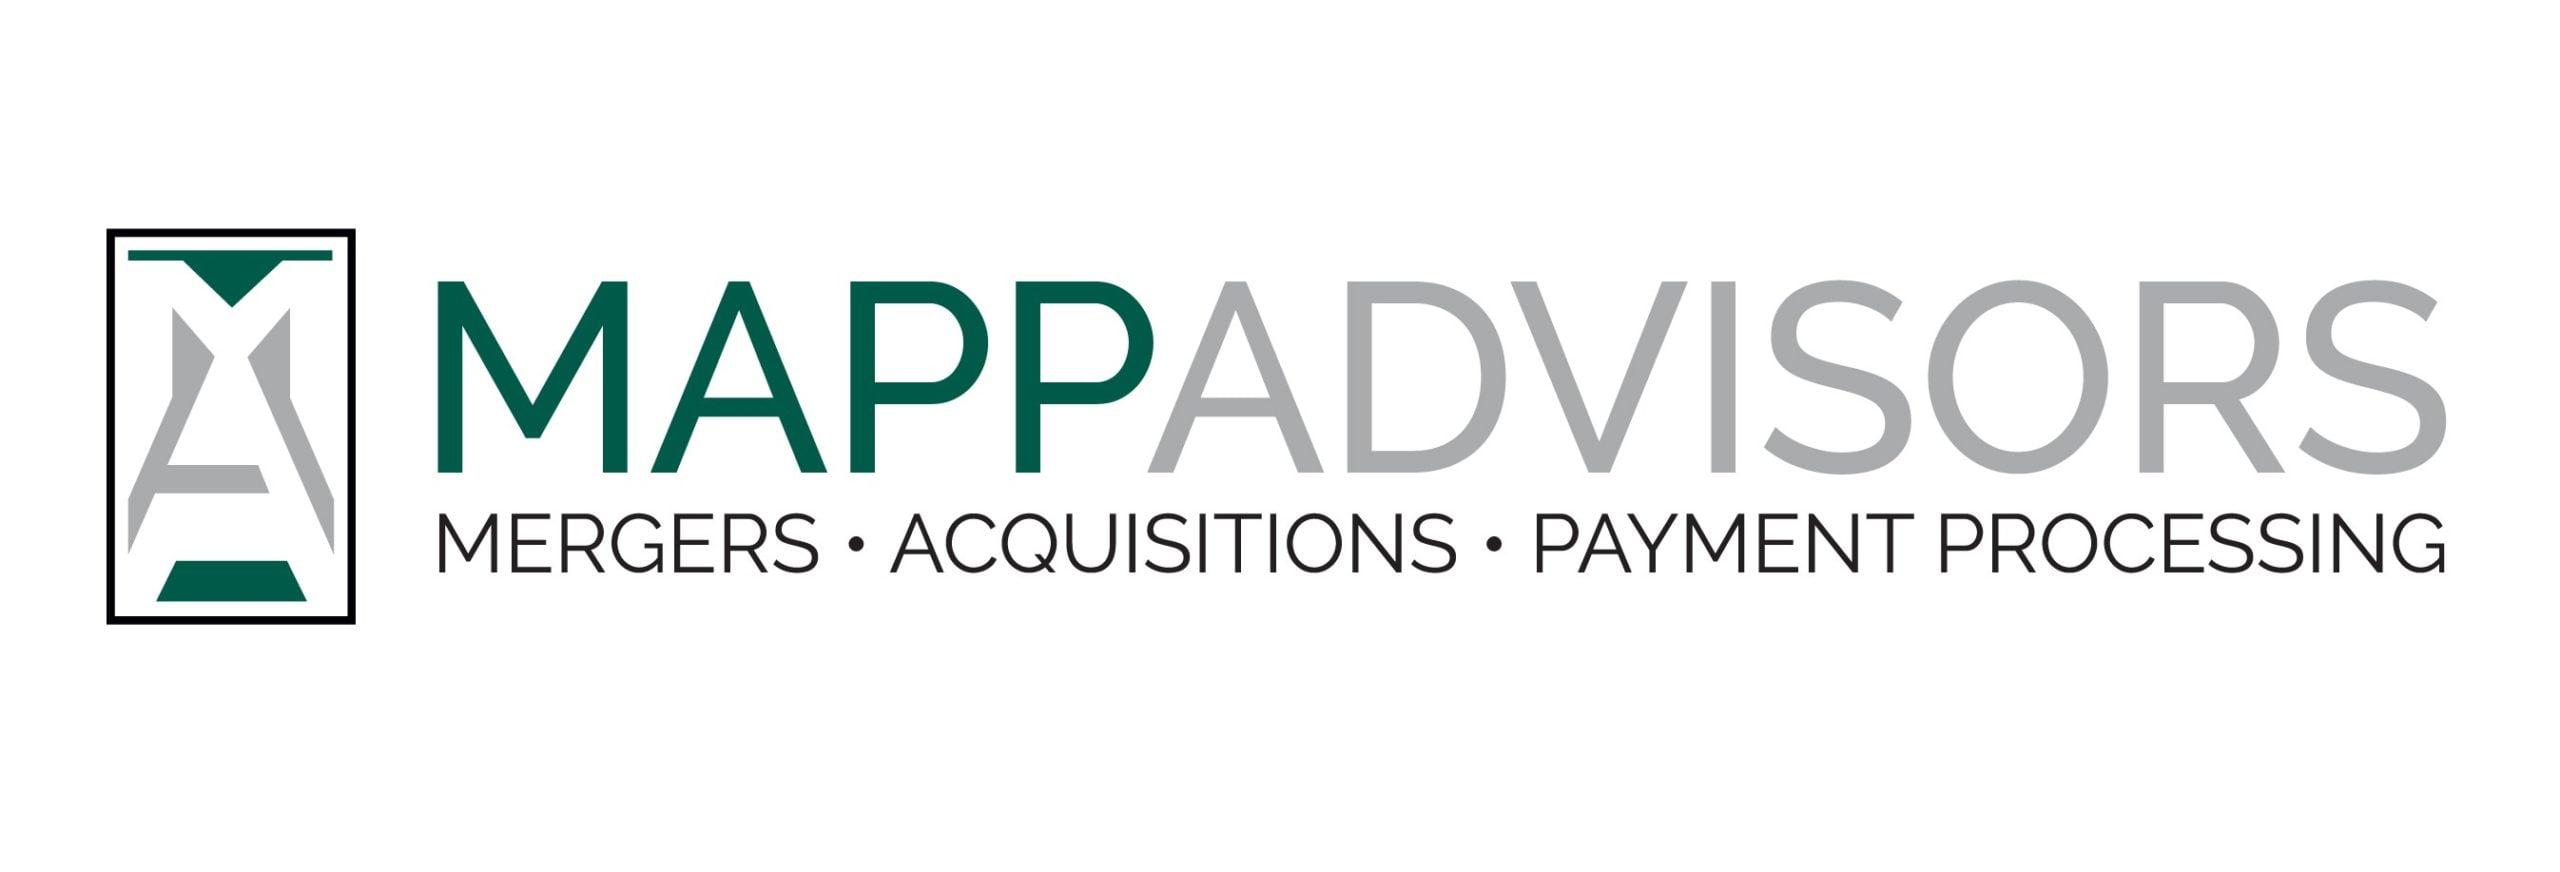 Mapp Advisors Logo